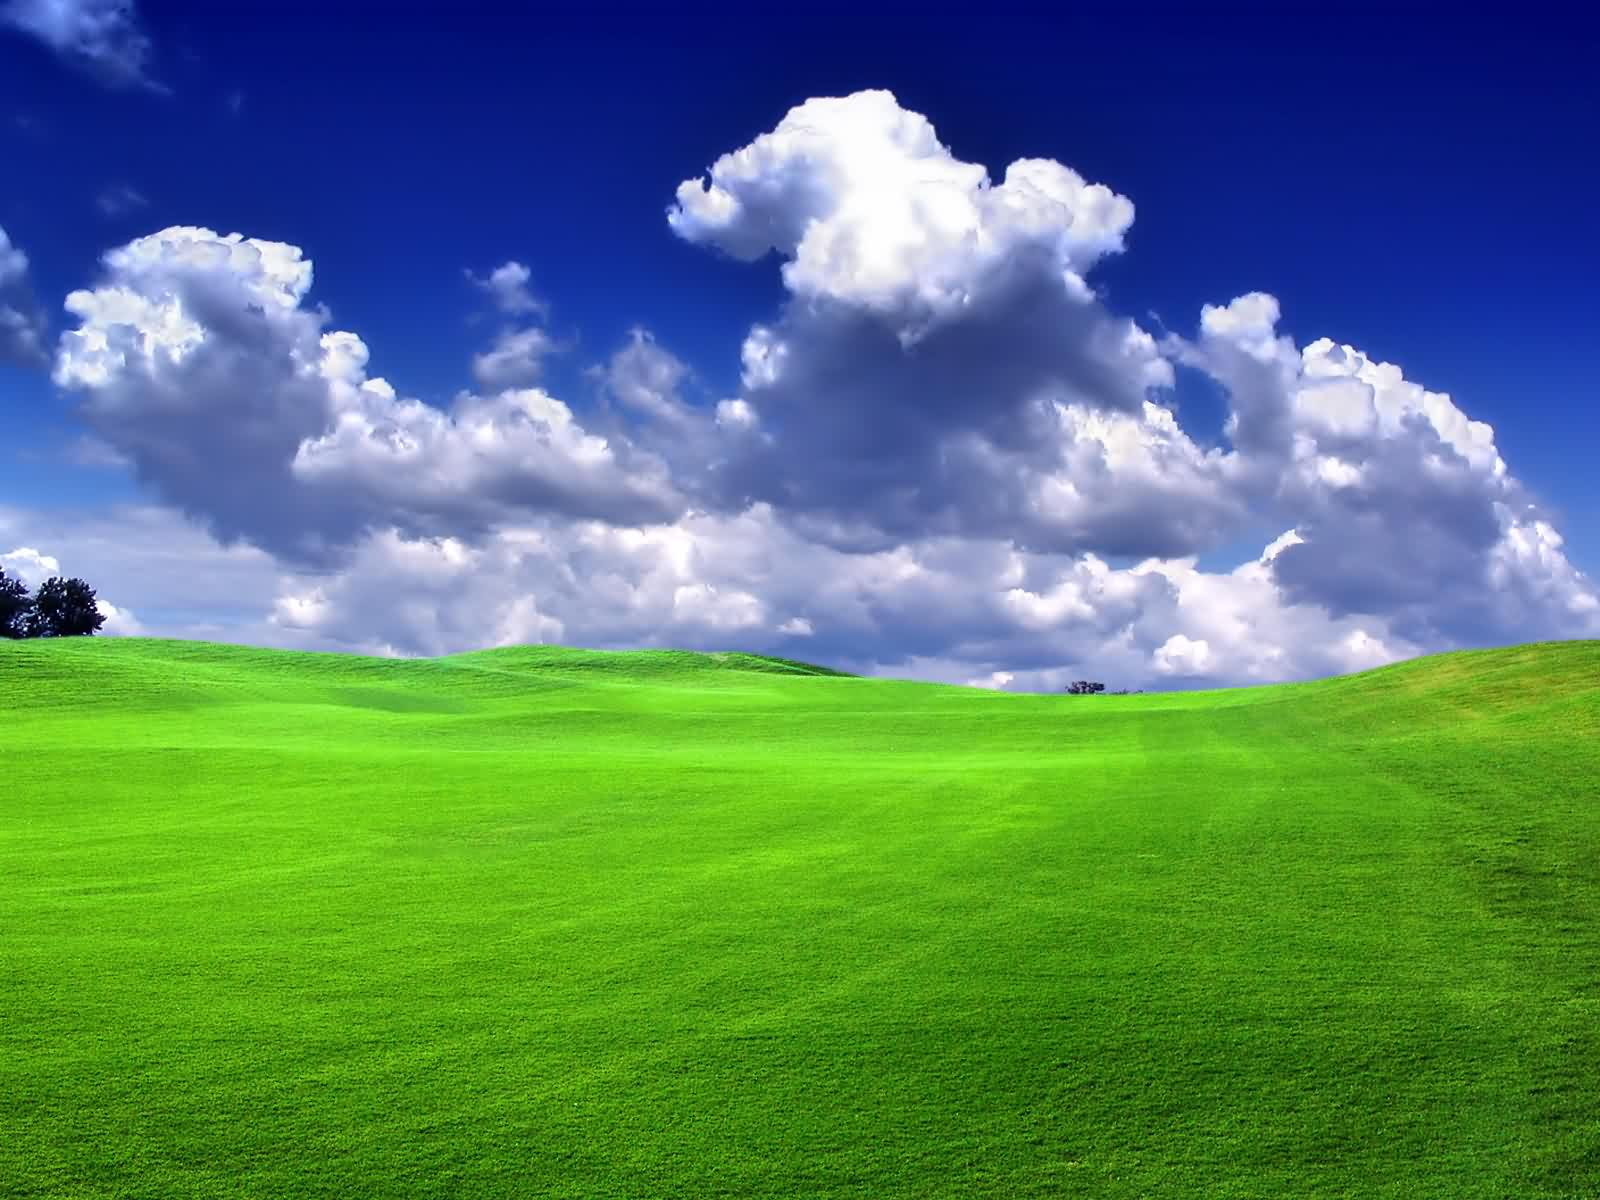 http://4.bp.blogspot.com/-xQBkAr0C_bw/TkQEdNg3SmI/AAAAAAAAIjY/4OEHlSpwiAI/s1600/4+good+resolution+wallpapers.jpg